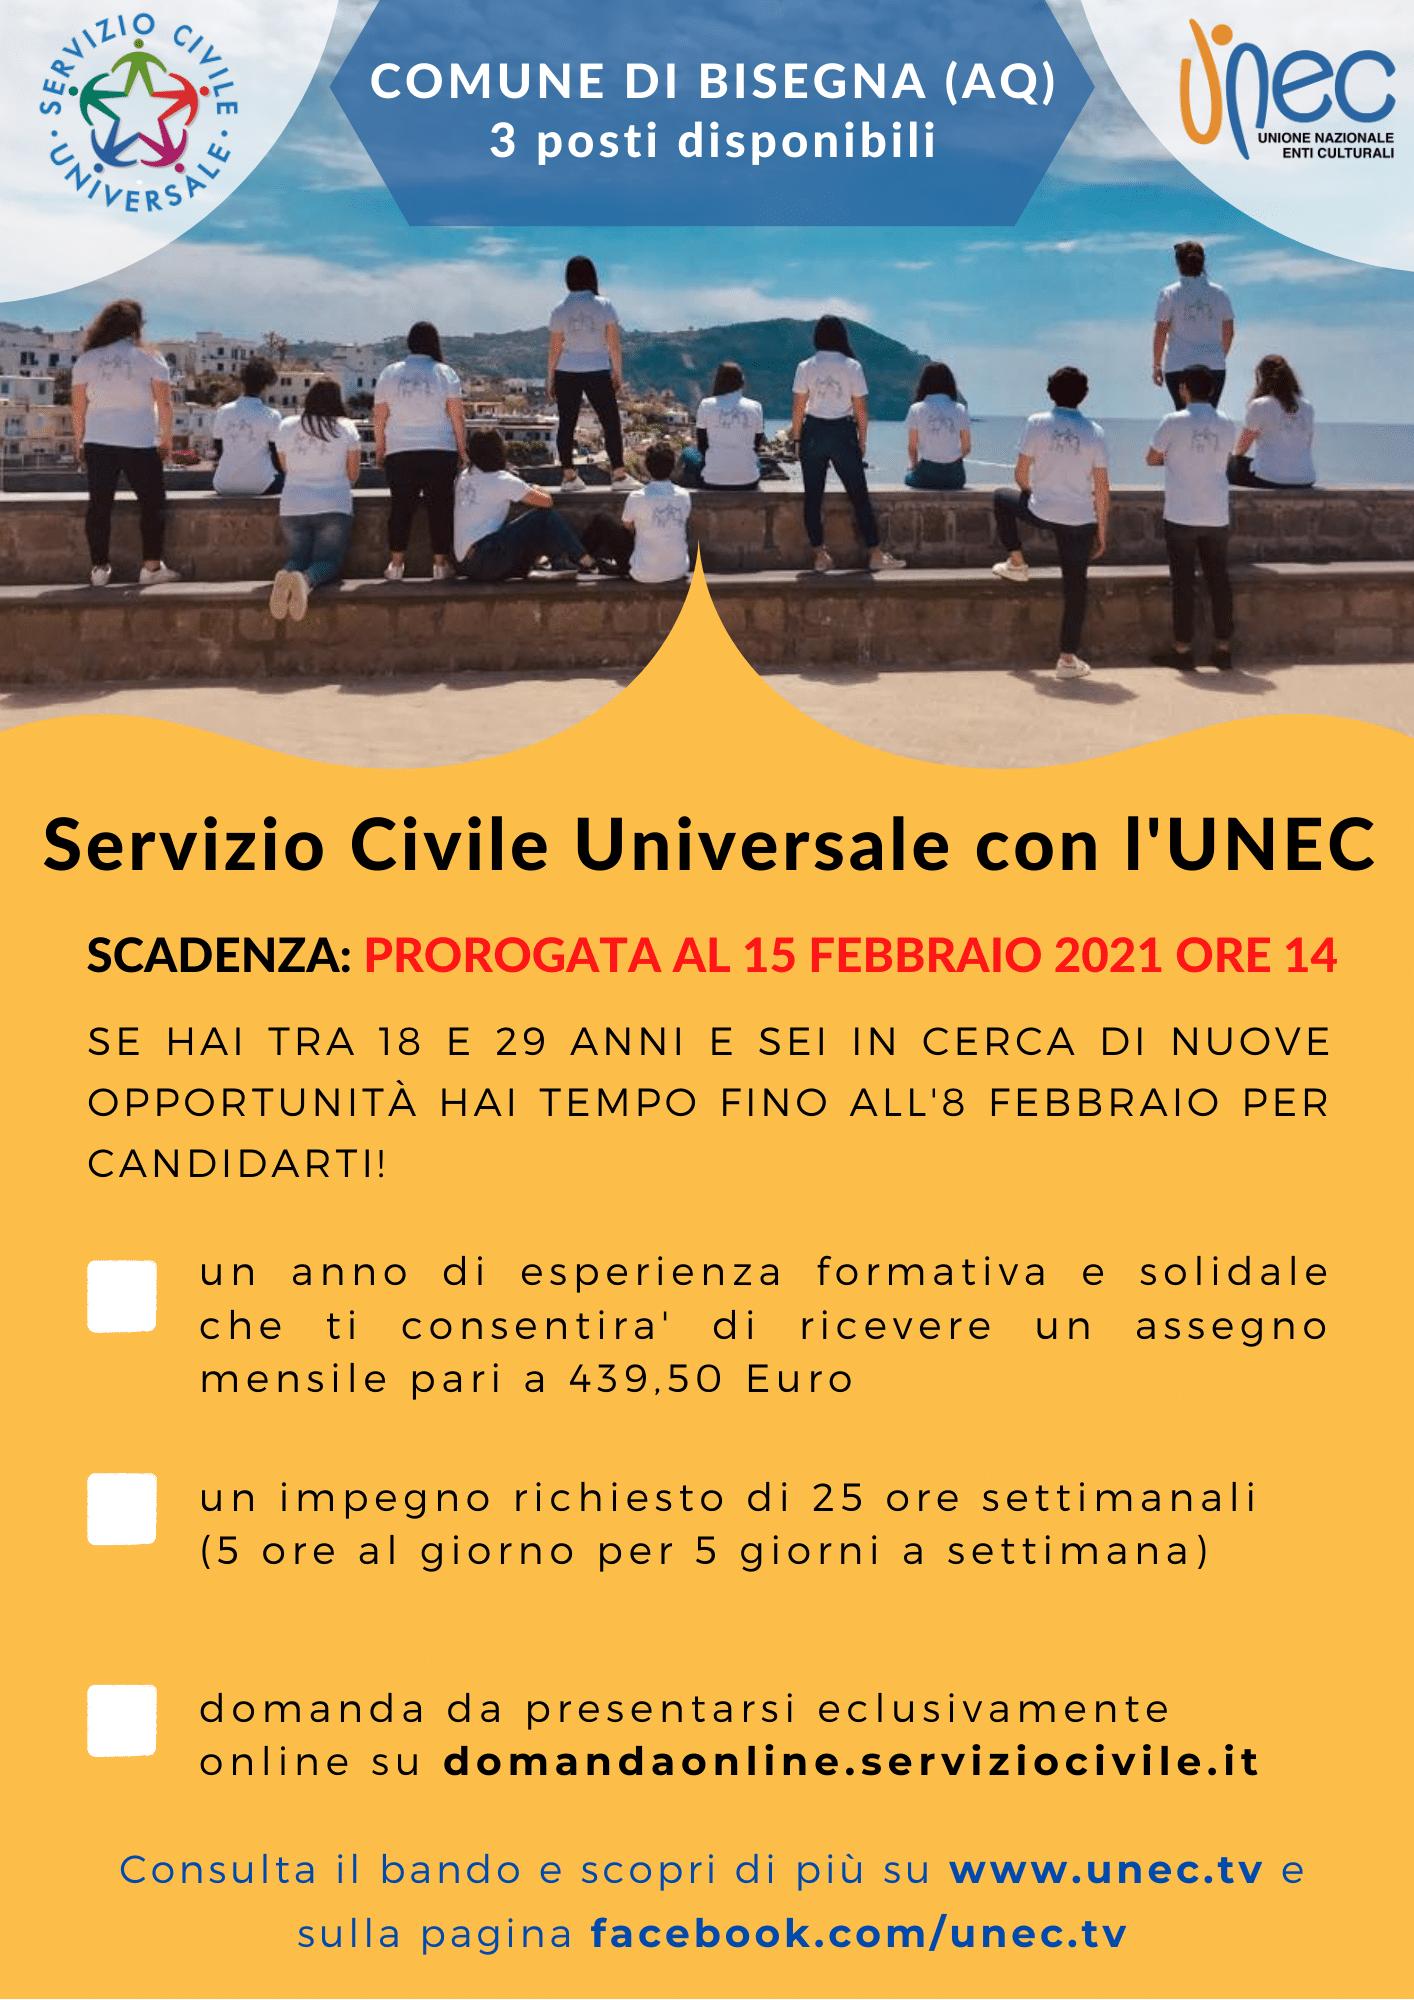 Servizio Civile con UNEC. Due i progetti attivi presso il comune di Bisegna